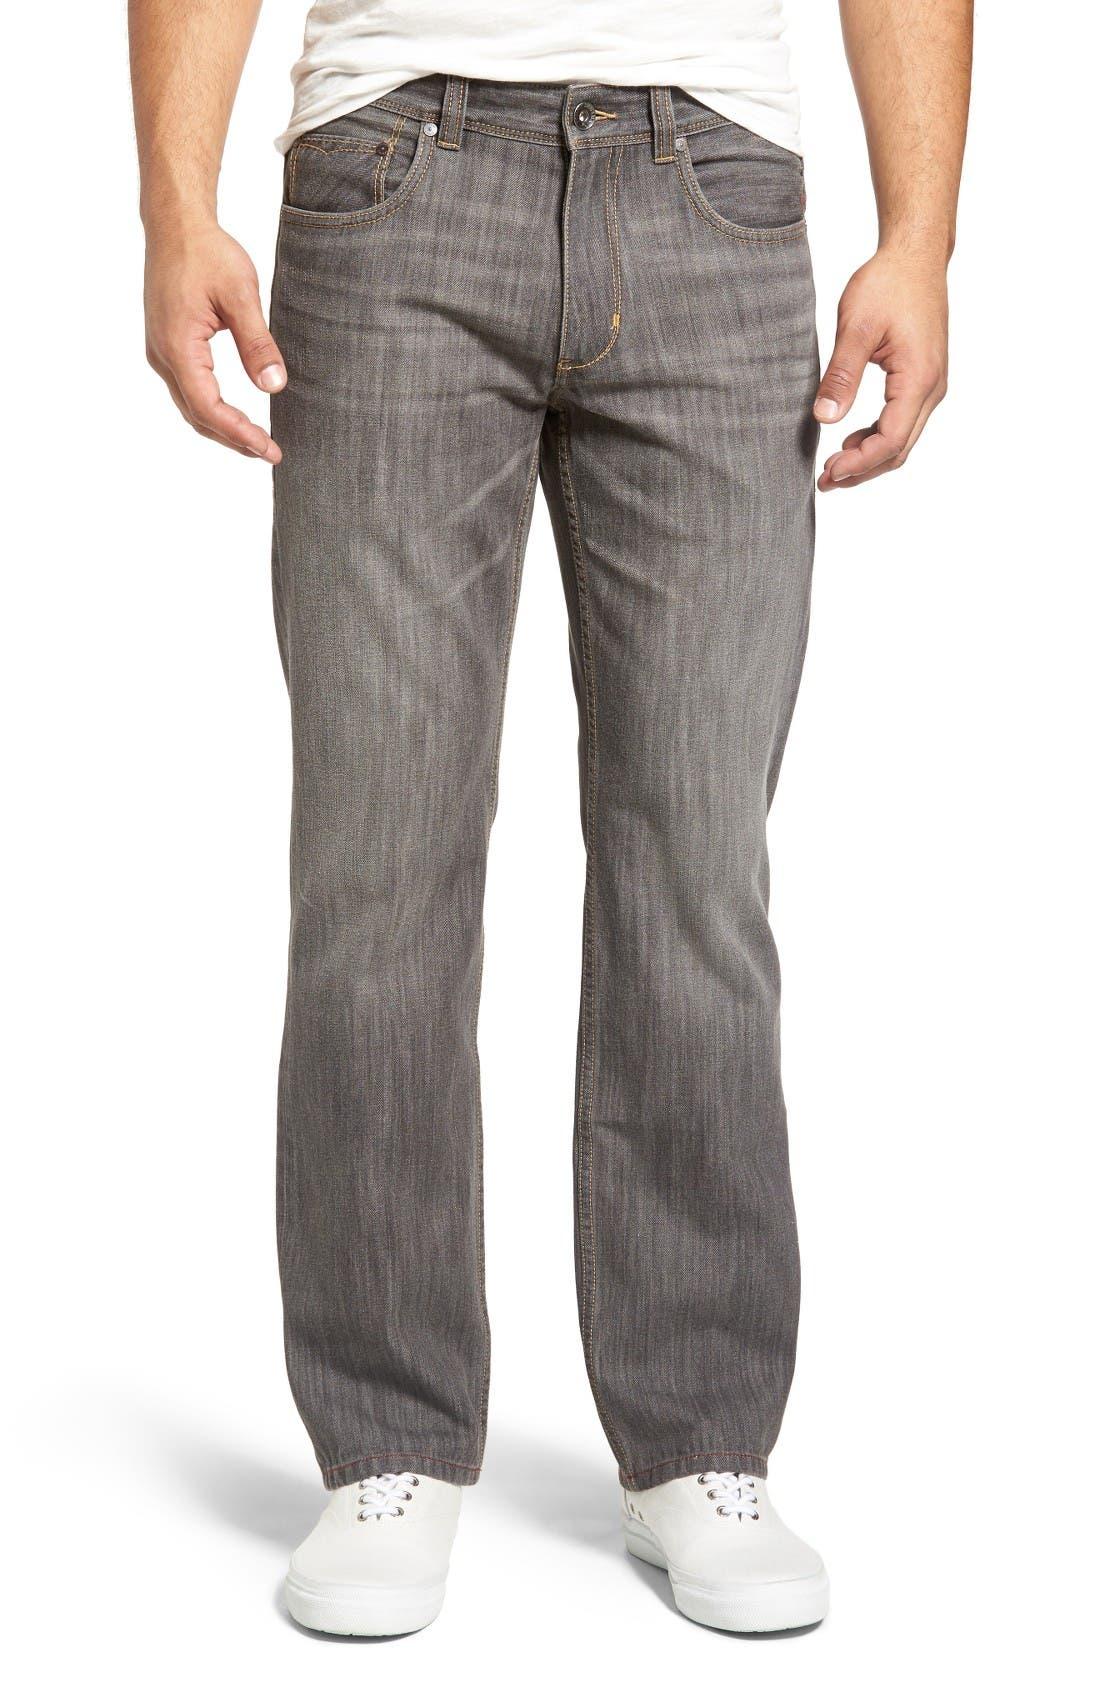 Barbados Straight Leg Jeans,                         Main,                         color, Vintage Grey Wash